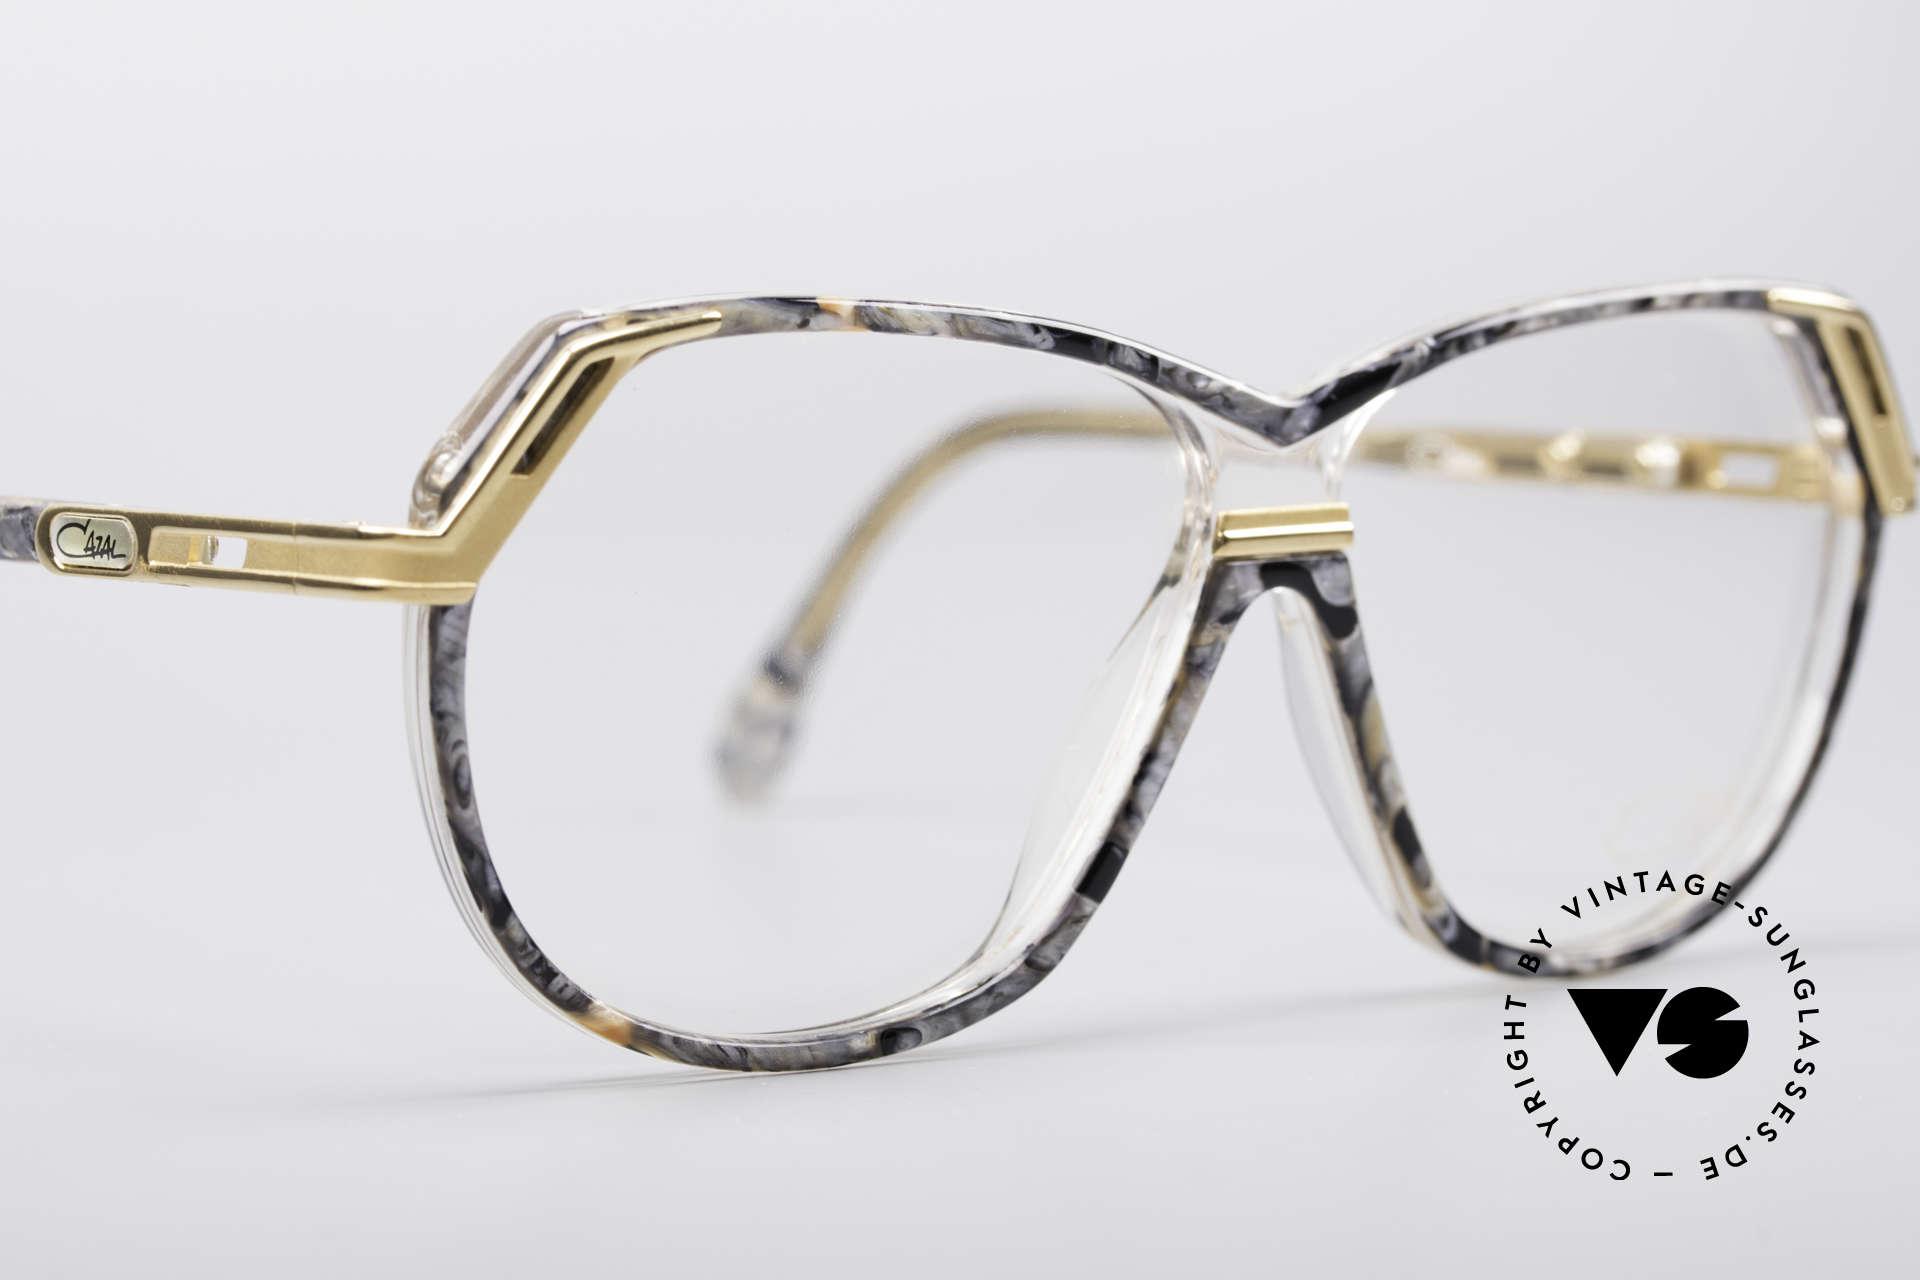 Cazal 339 No Retro 90er Vintage Brille, Modell (M Größe 56/10) ist beliebig verglasbar, Passend für Damen